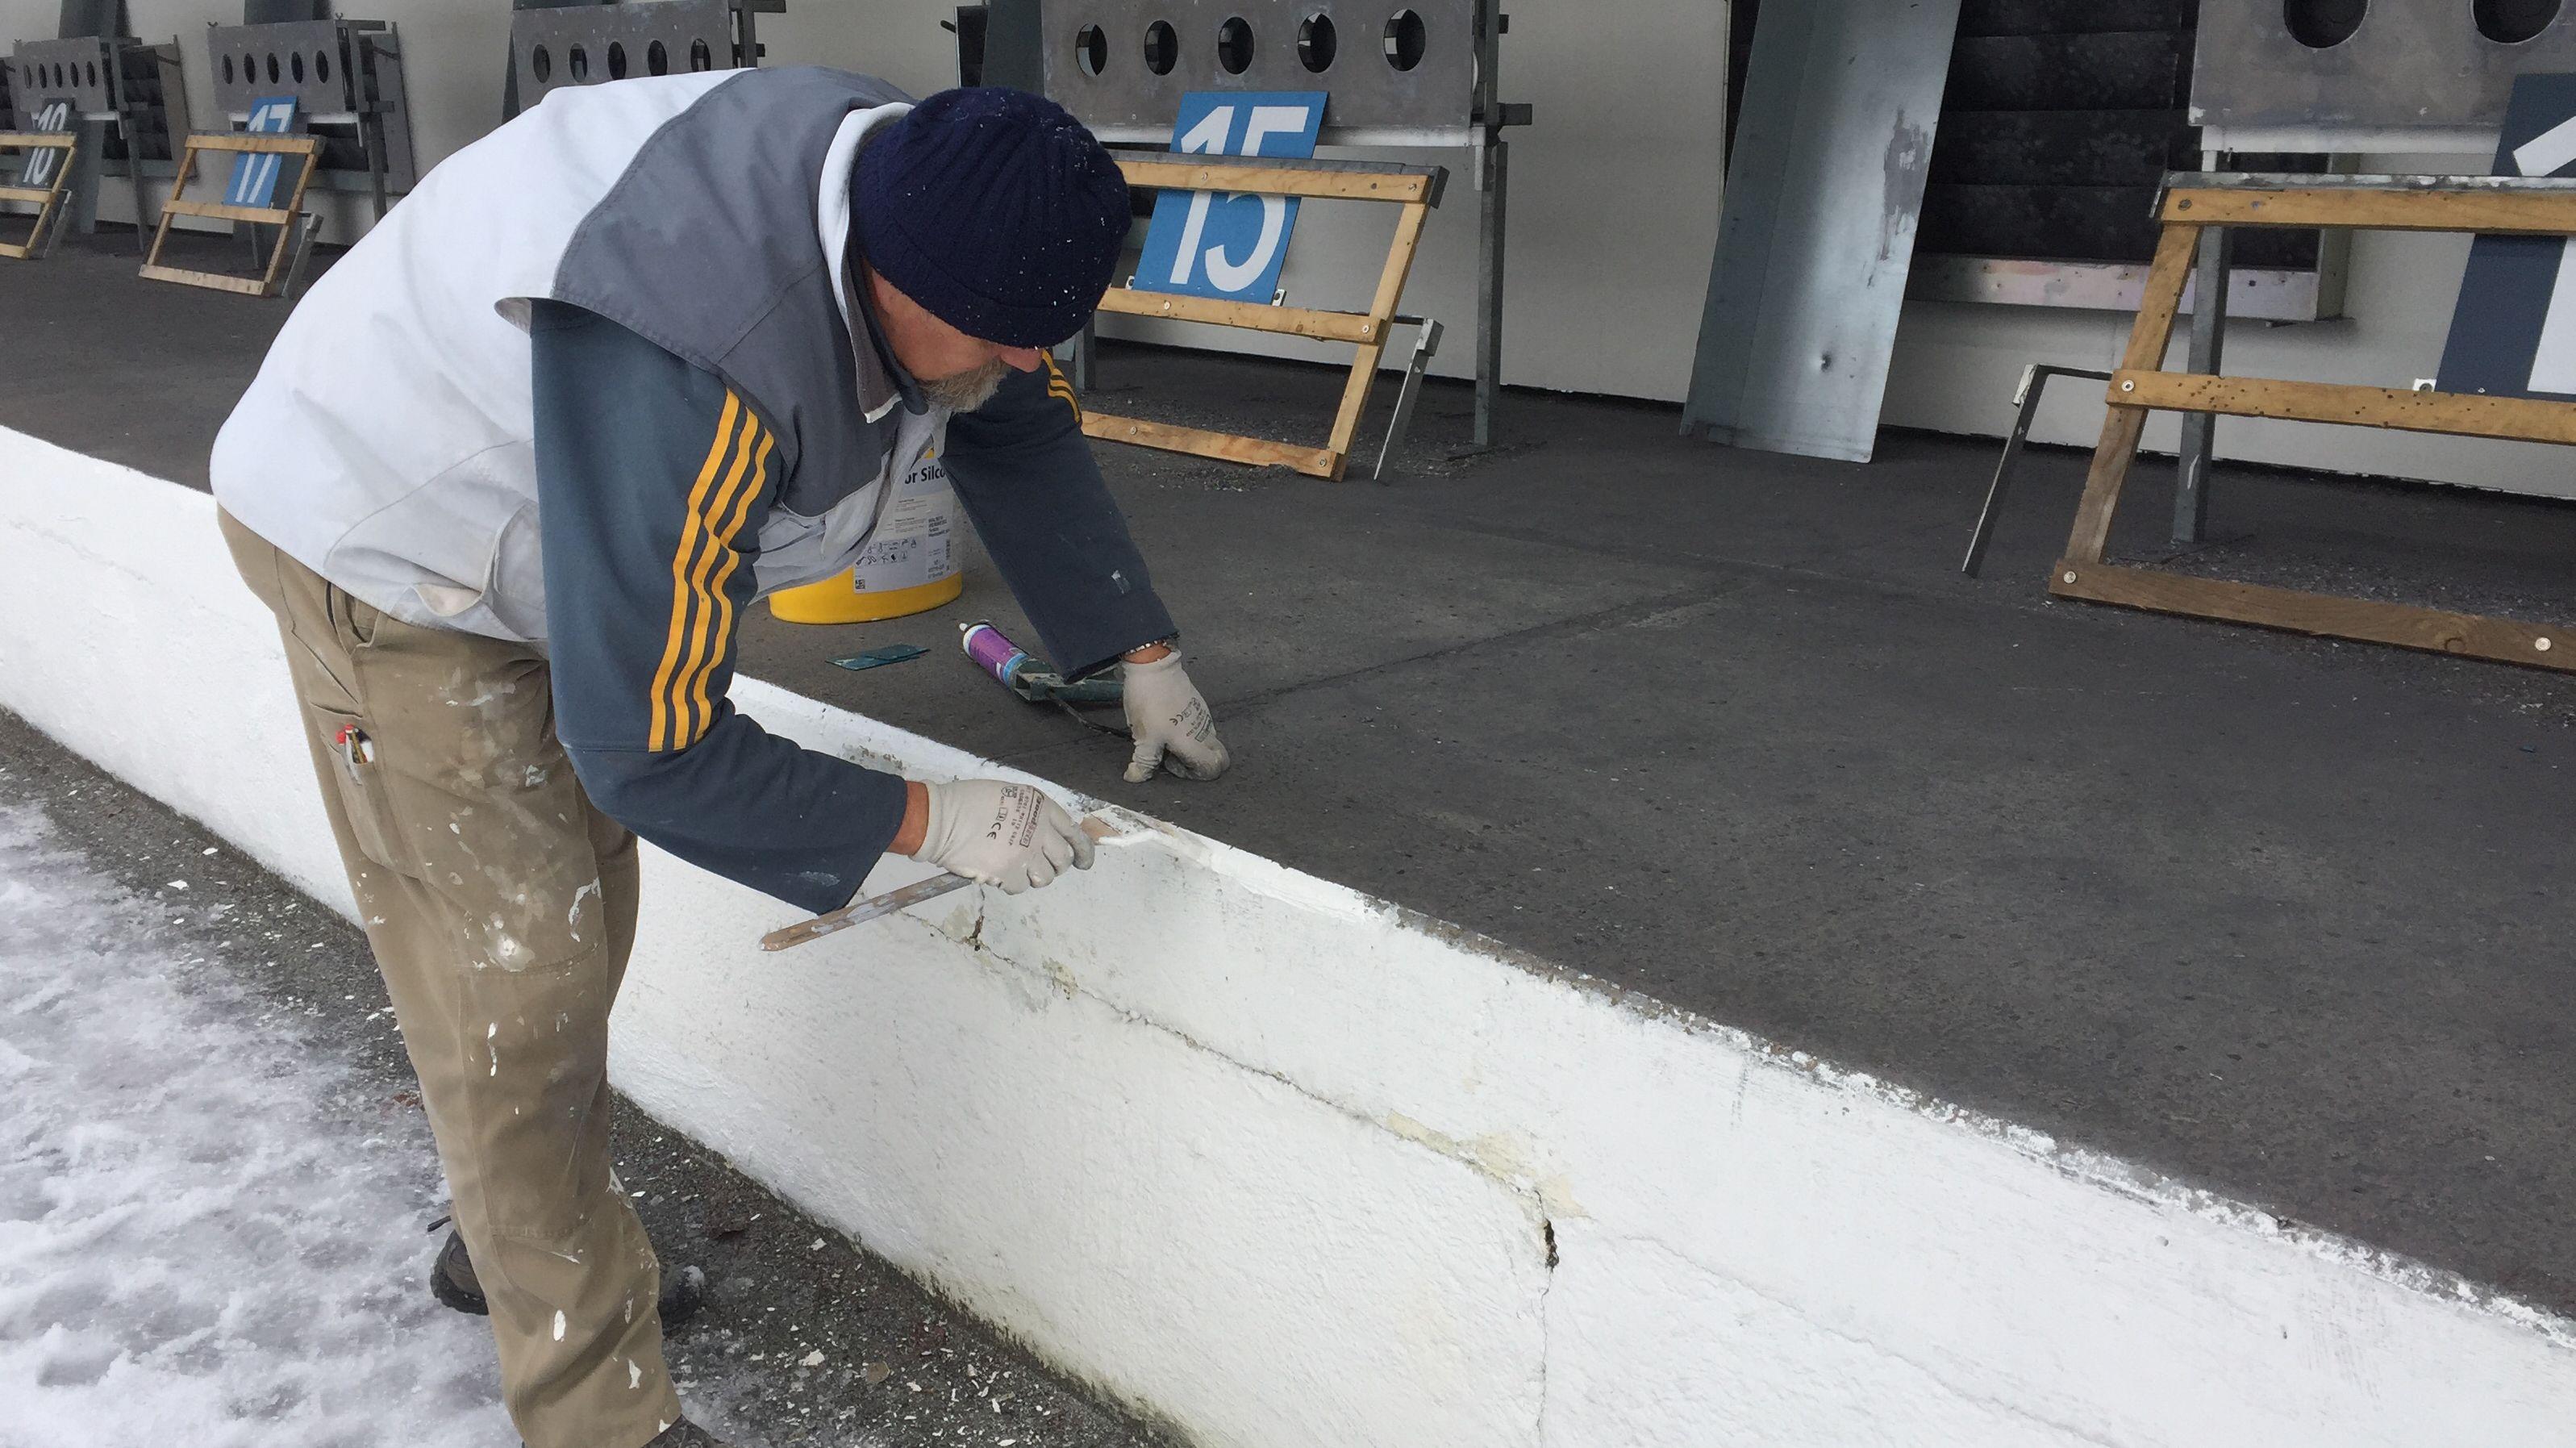 Ehrenamtlicher Mitarbeiter bei den Vorbereitungen zum Biathlon-Weltcup in Ruhpolding